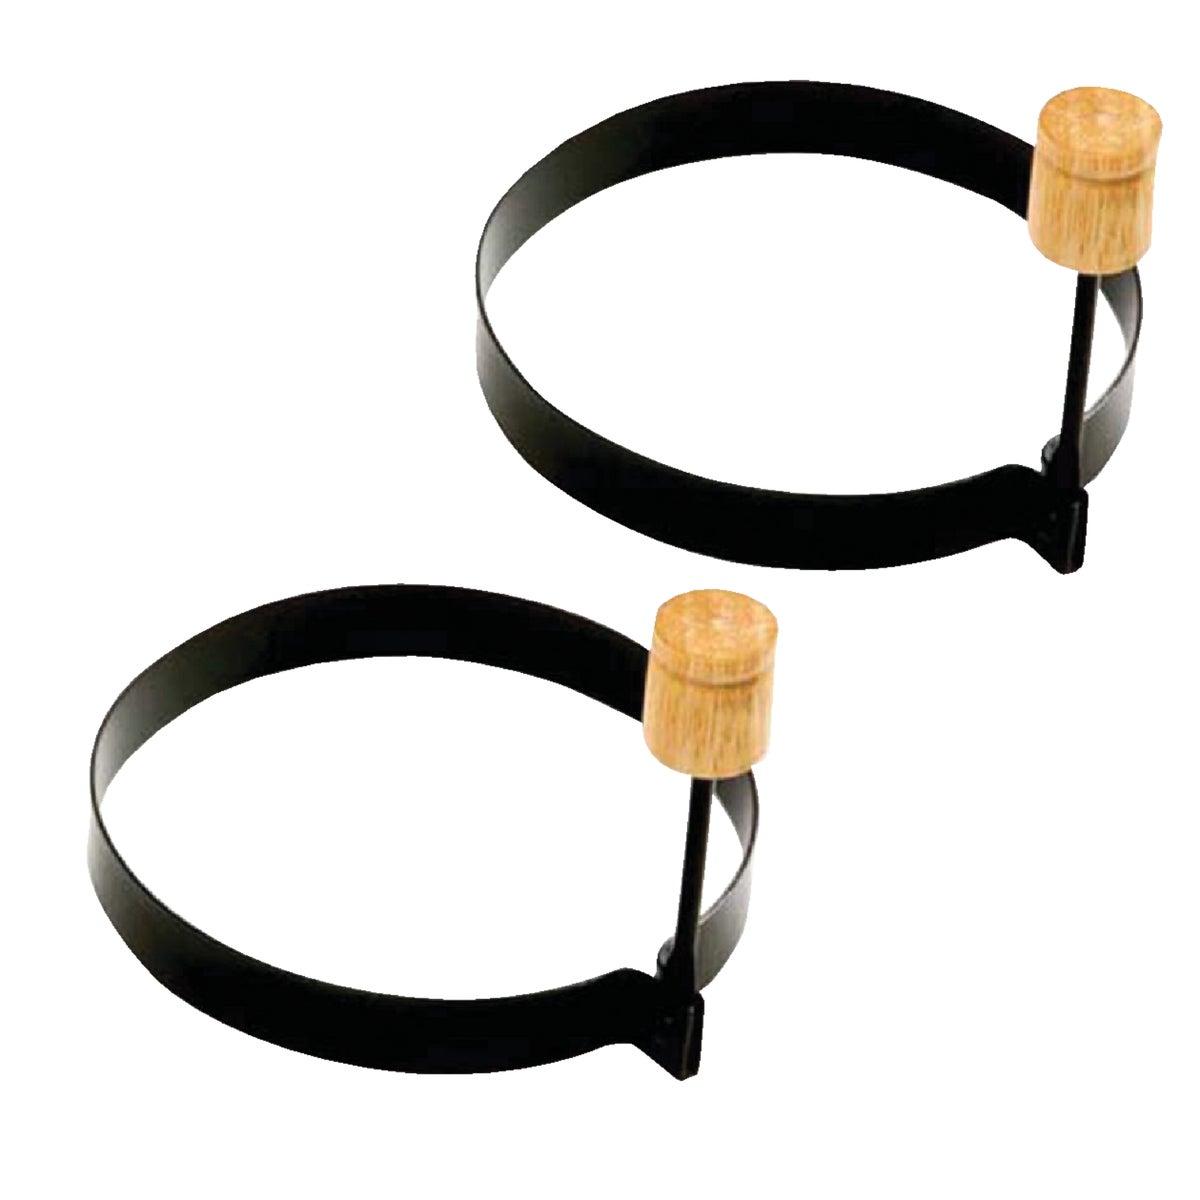 ROUND PANCAKE/EGG RINGS